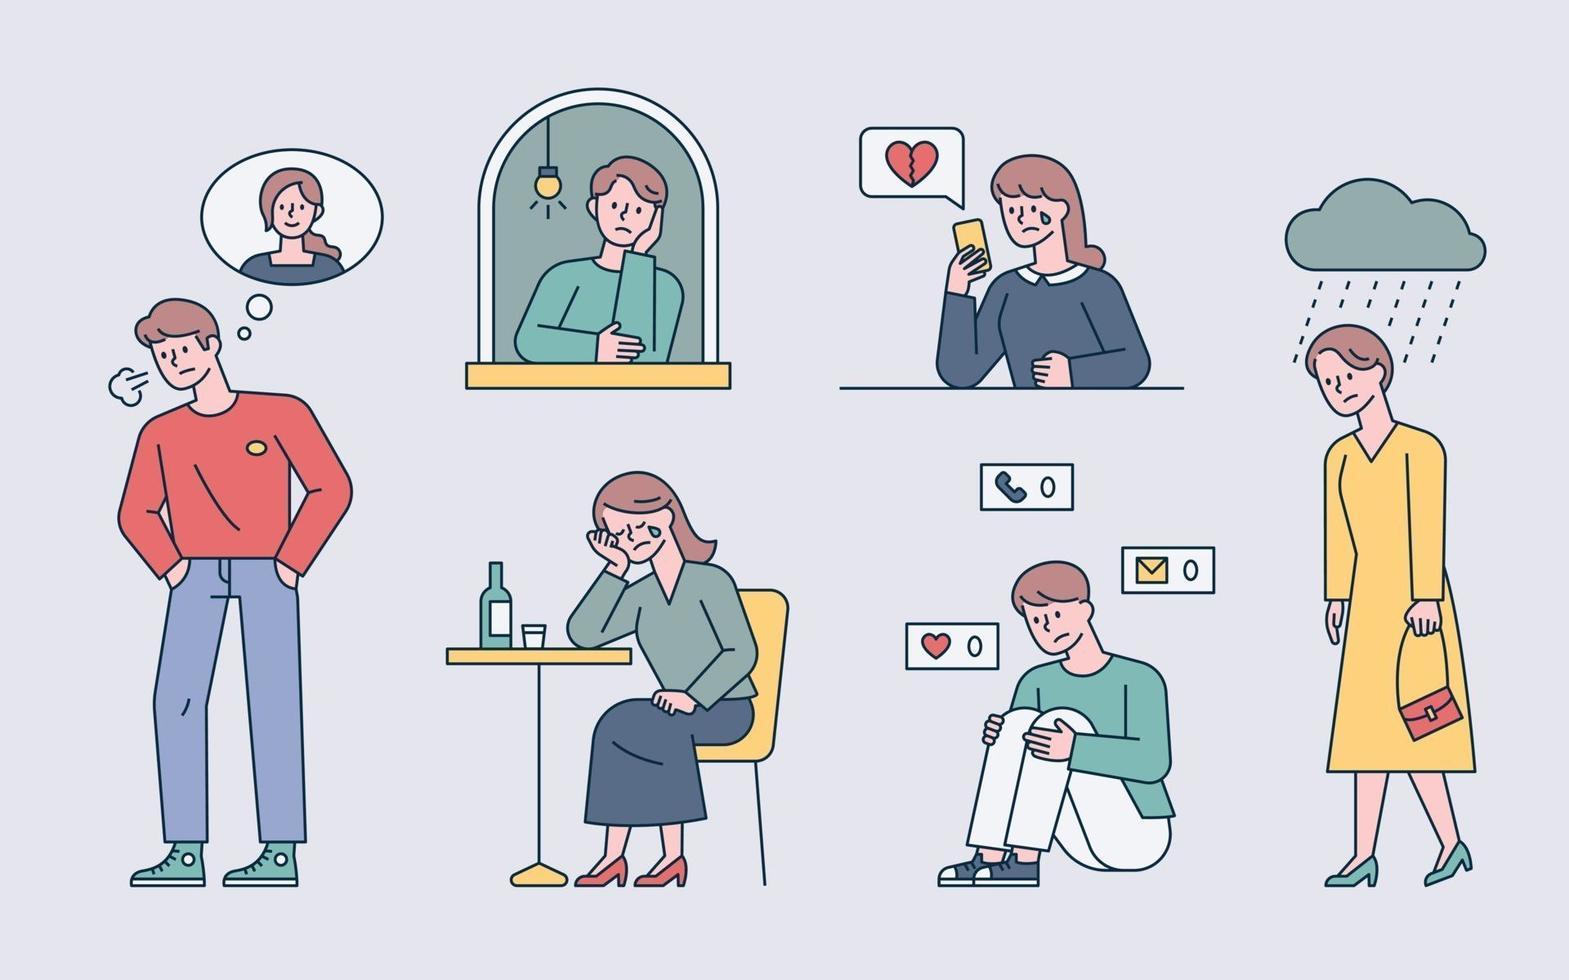 diejenigen, die ihre getrennten Liebhaber vermissen. Leute denken an jemanden oder warten auf einen Anruf. flache Designart minimale Vektorillustration. vektor